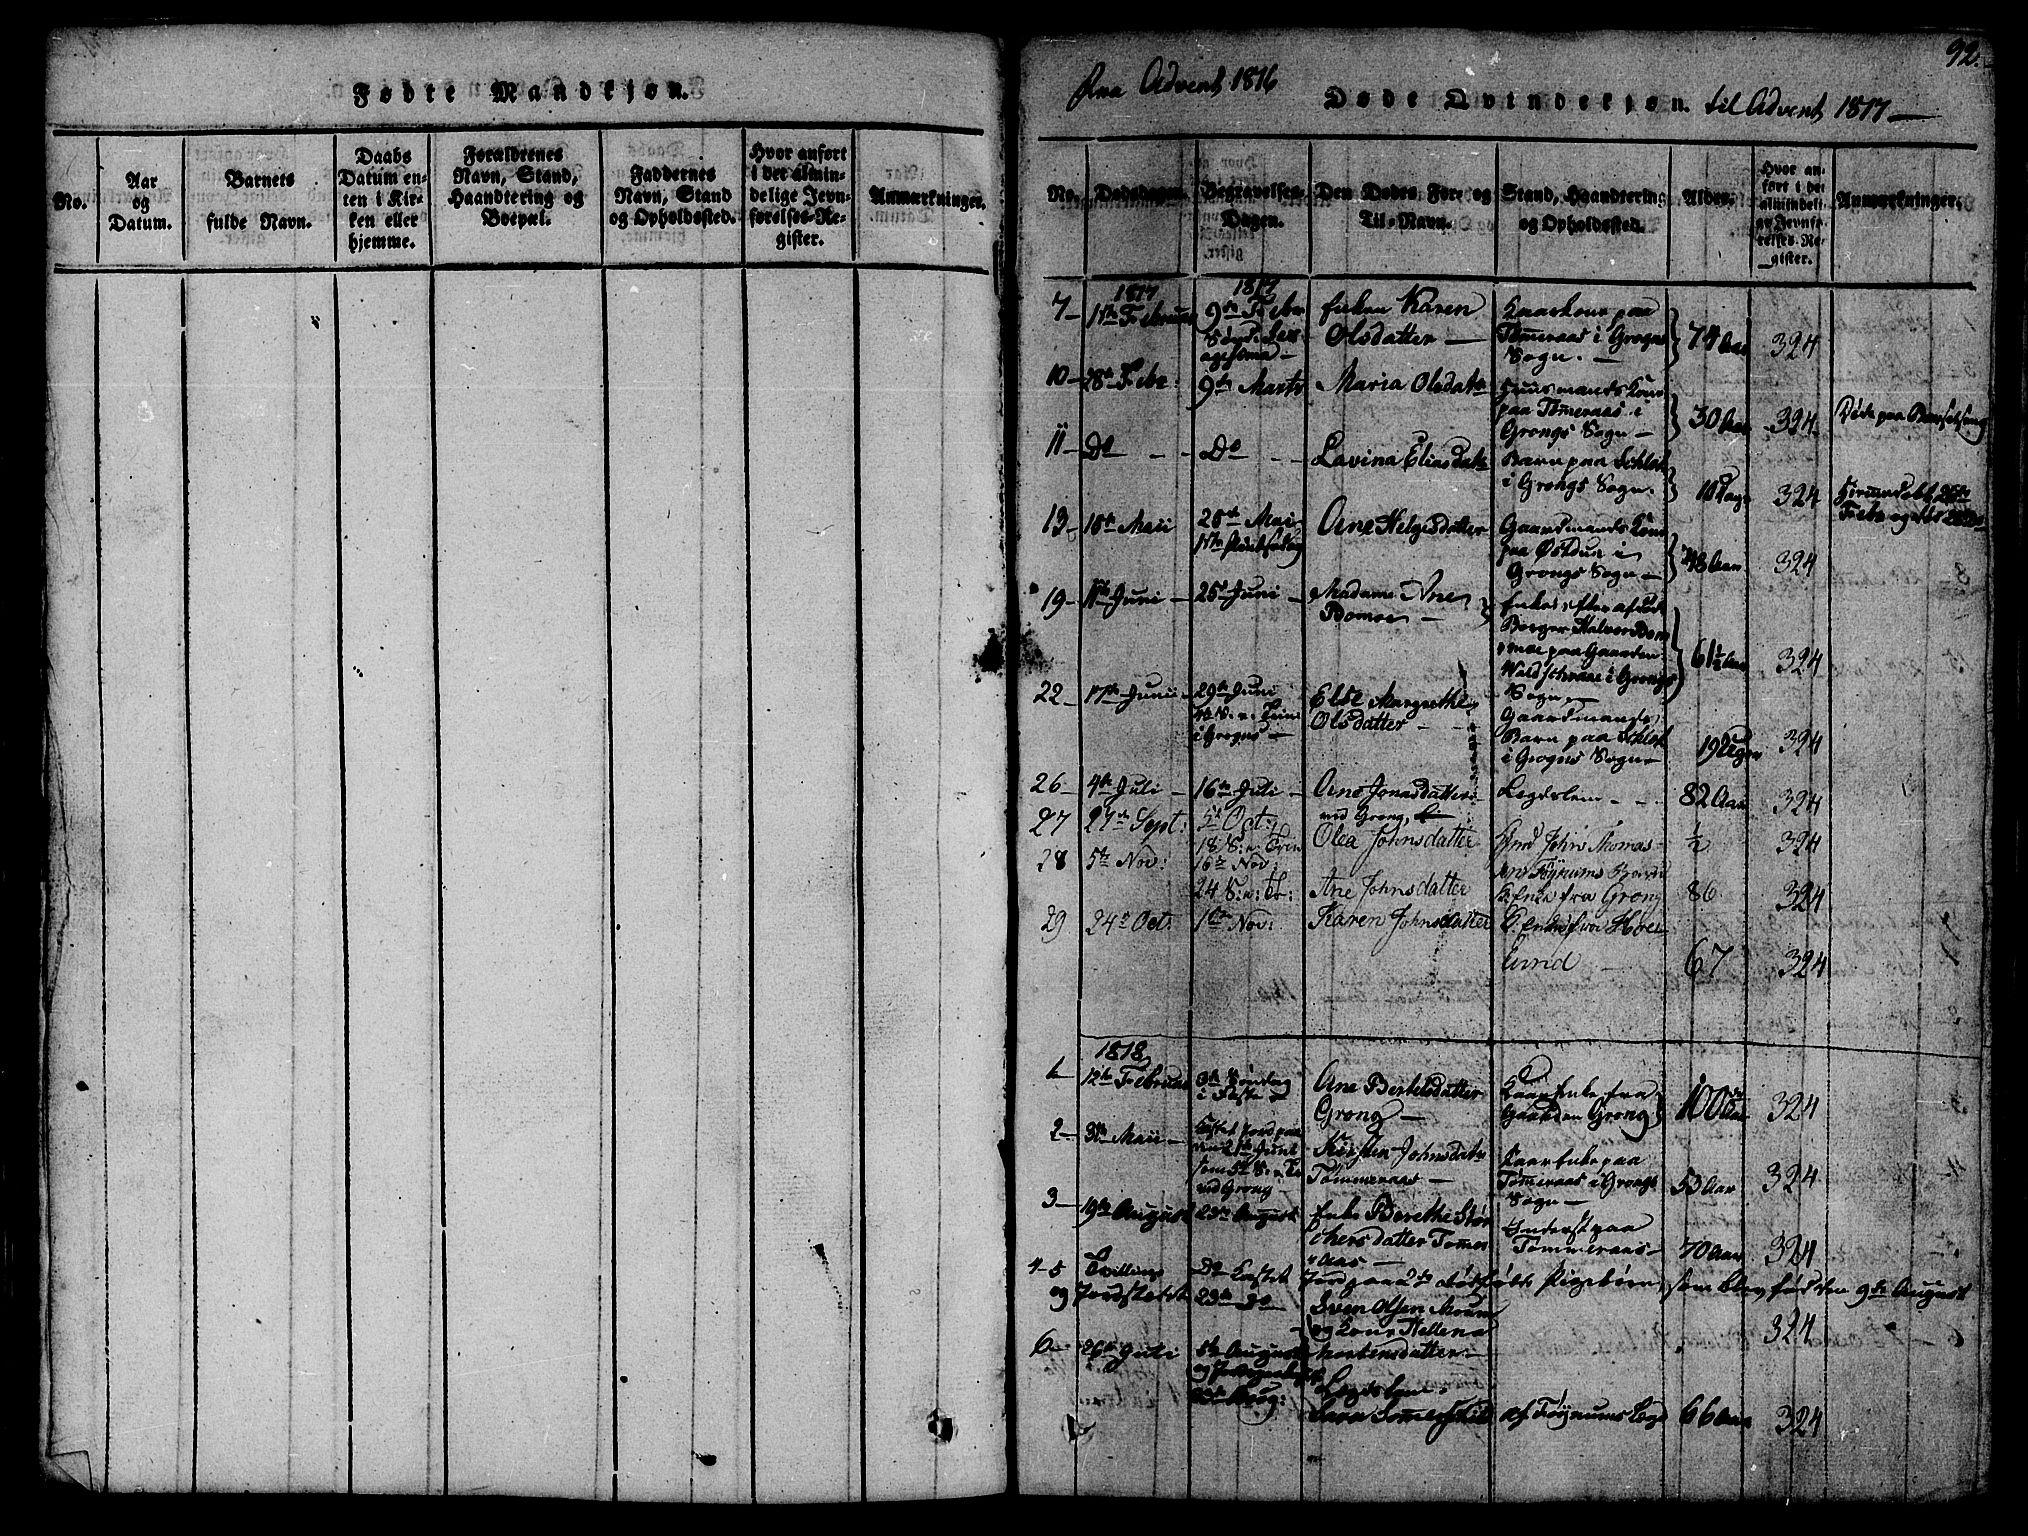 SAT, Ministerialprotokoller, klokkerbøker og fødselsregistre - Nord-Trøndelag, 758/L0521: Klokkerbok nr. 758C01, 1816-1825, s. 92